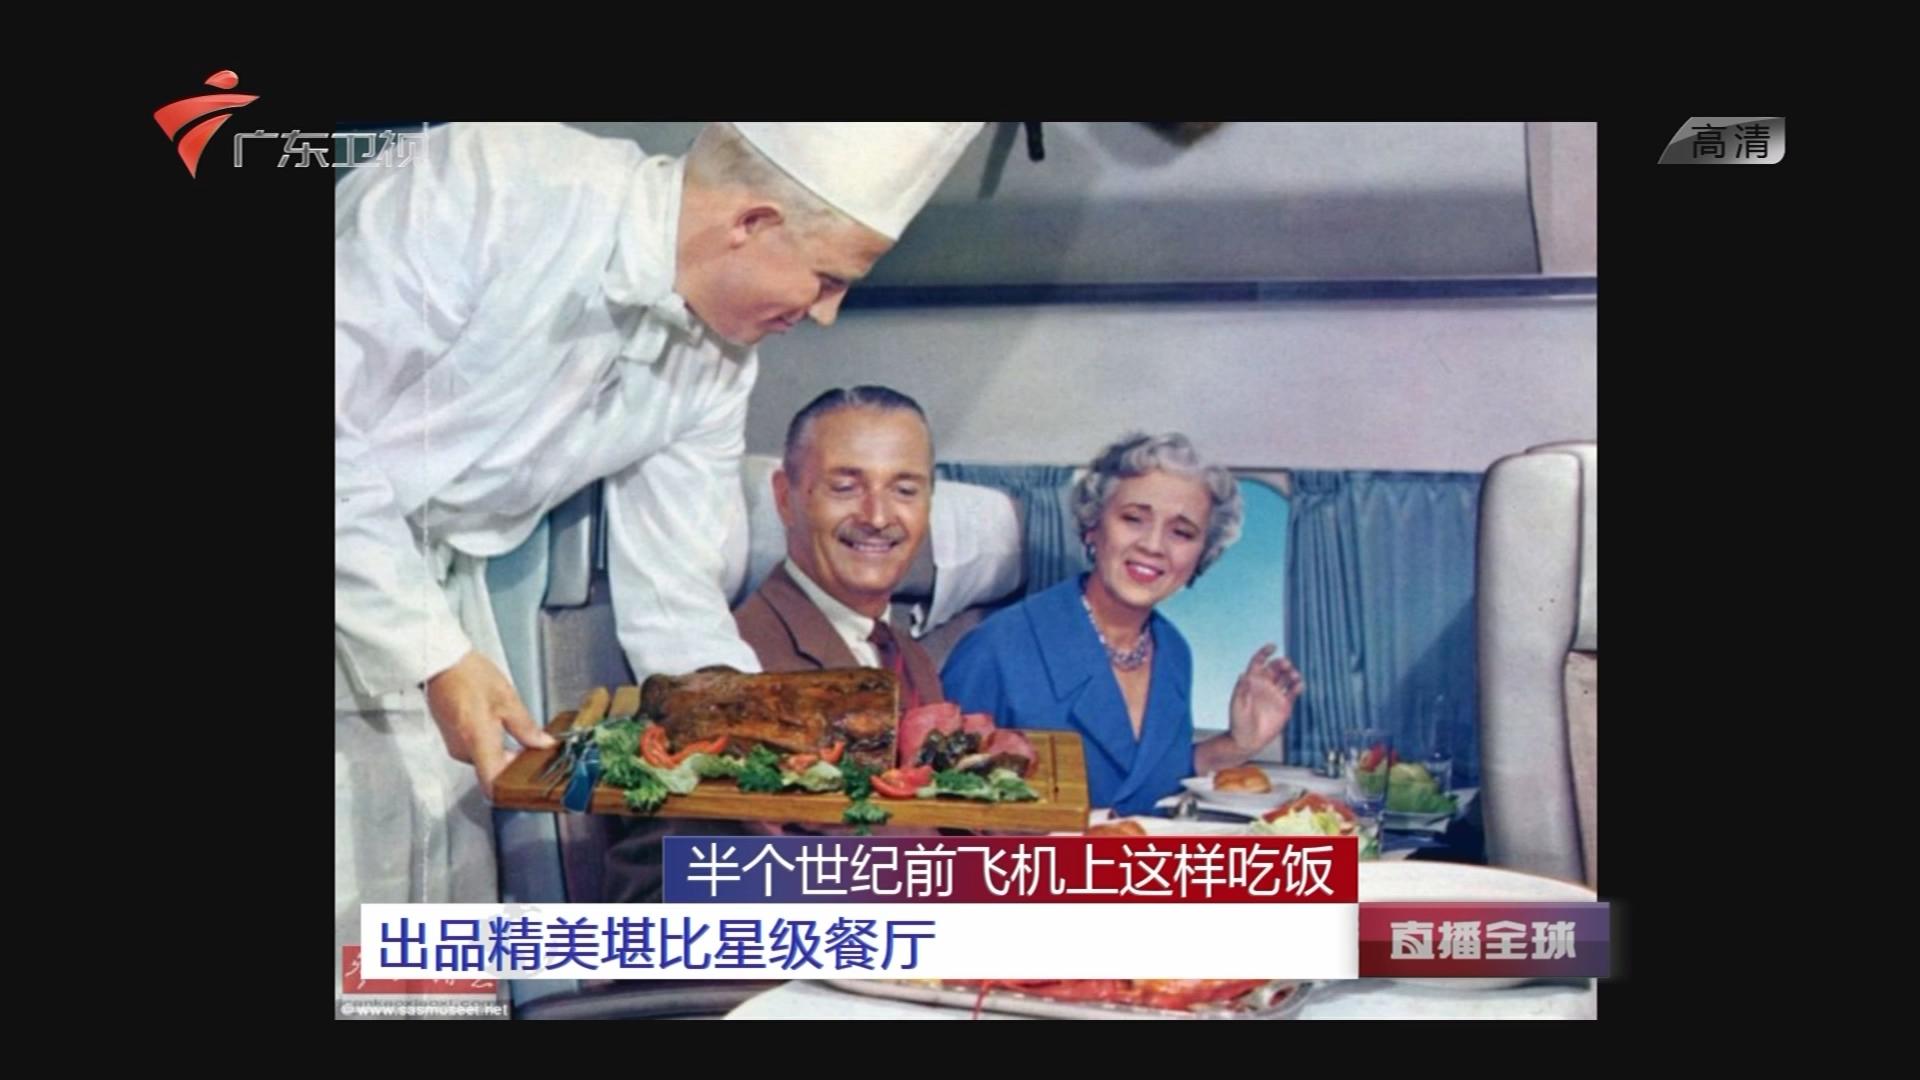 半个世纪前飞机上这样吃饭